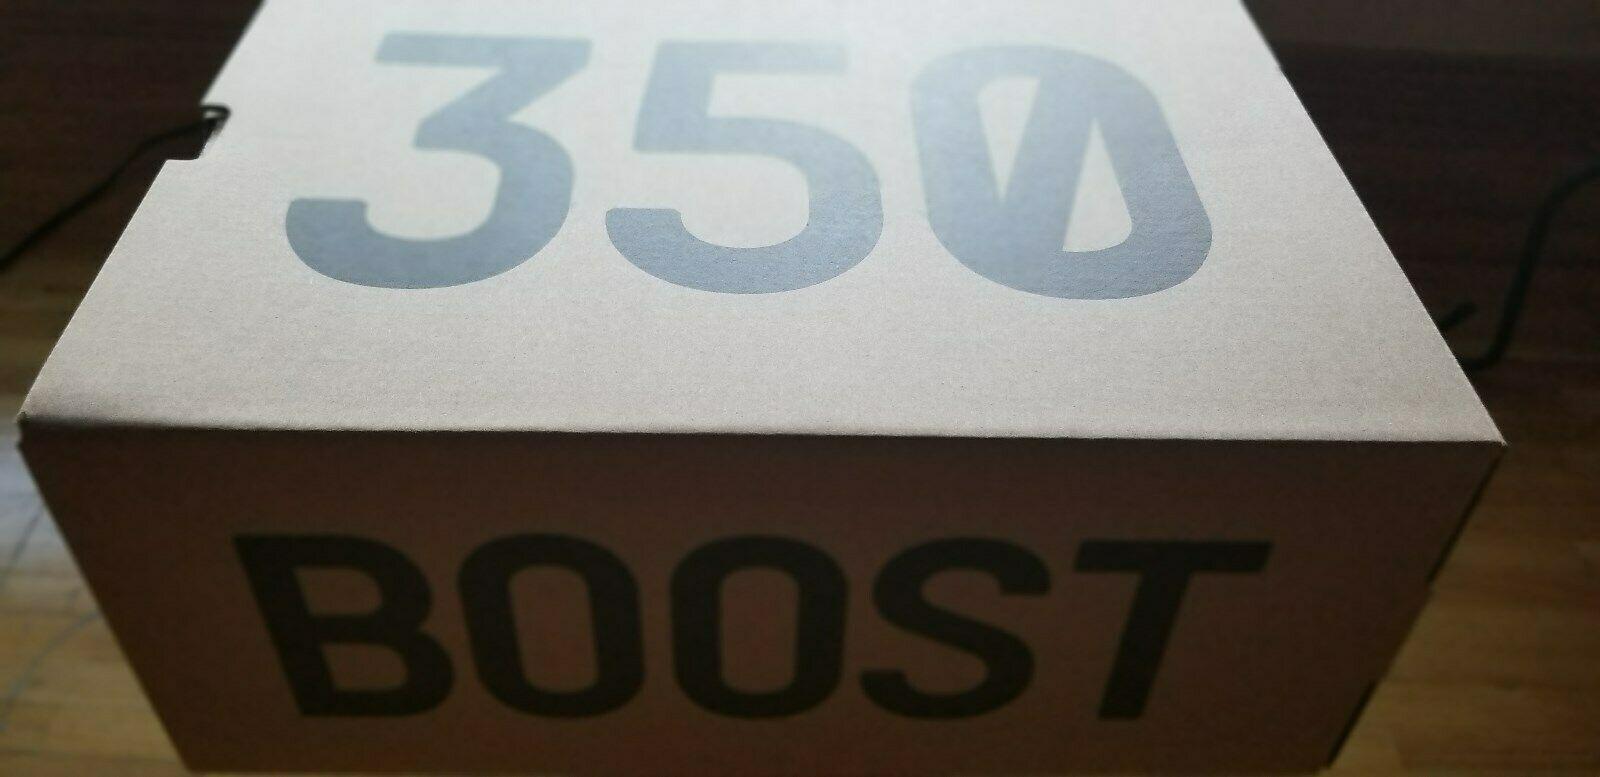 Nuevo Adidas Yeezy 350 V2 Semi Frozen Amarillo B37572 Marca Nuevos en Caja image 5